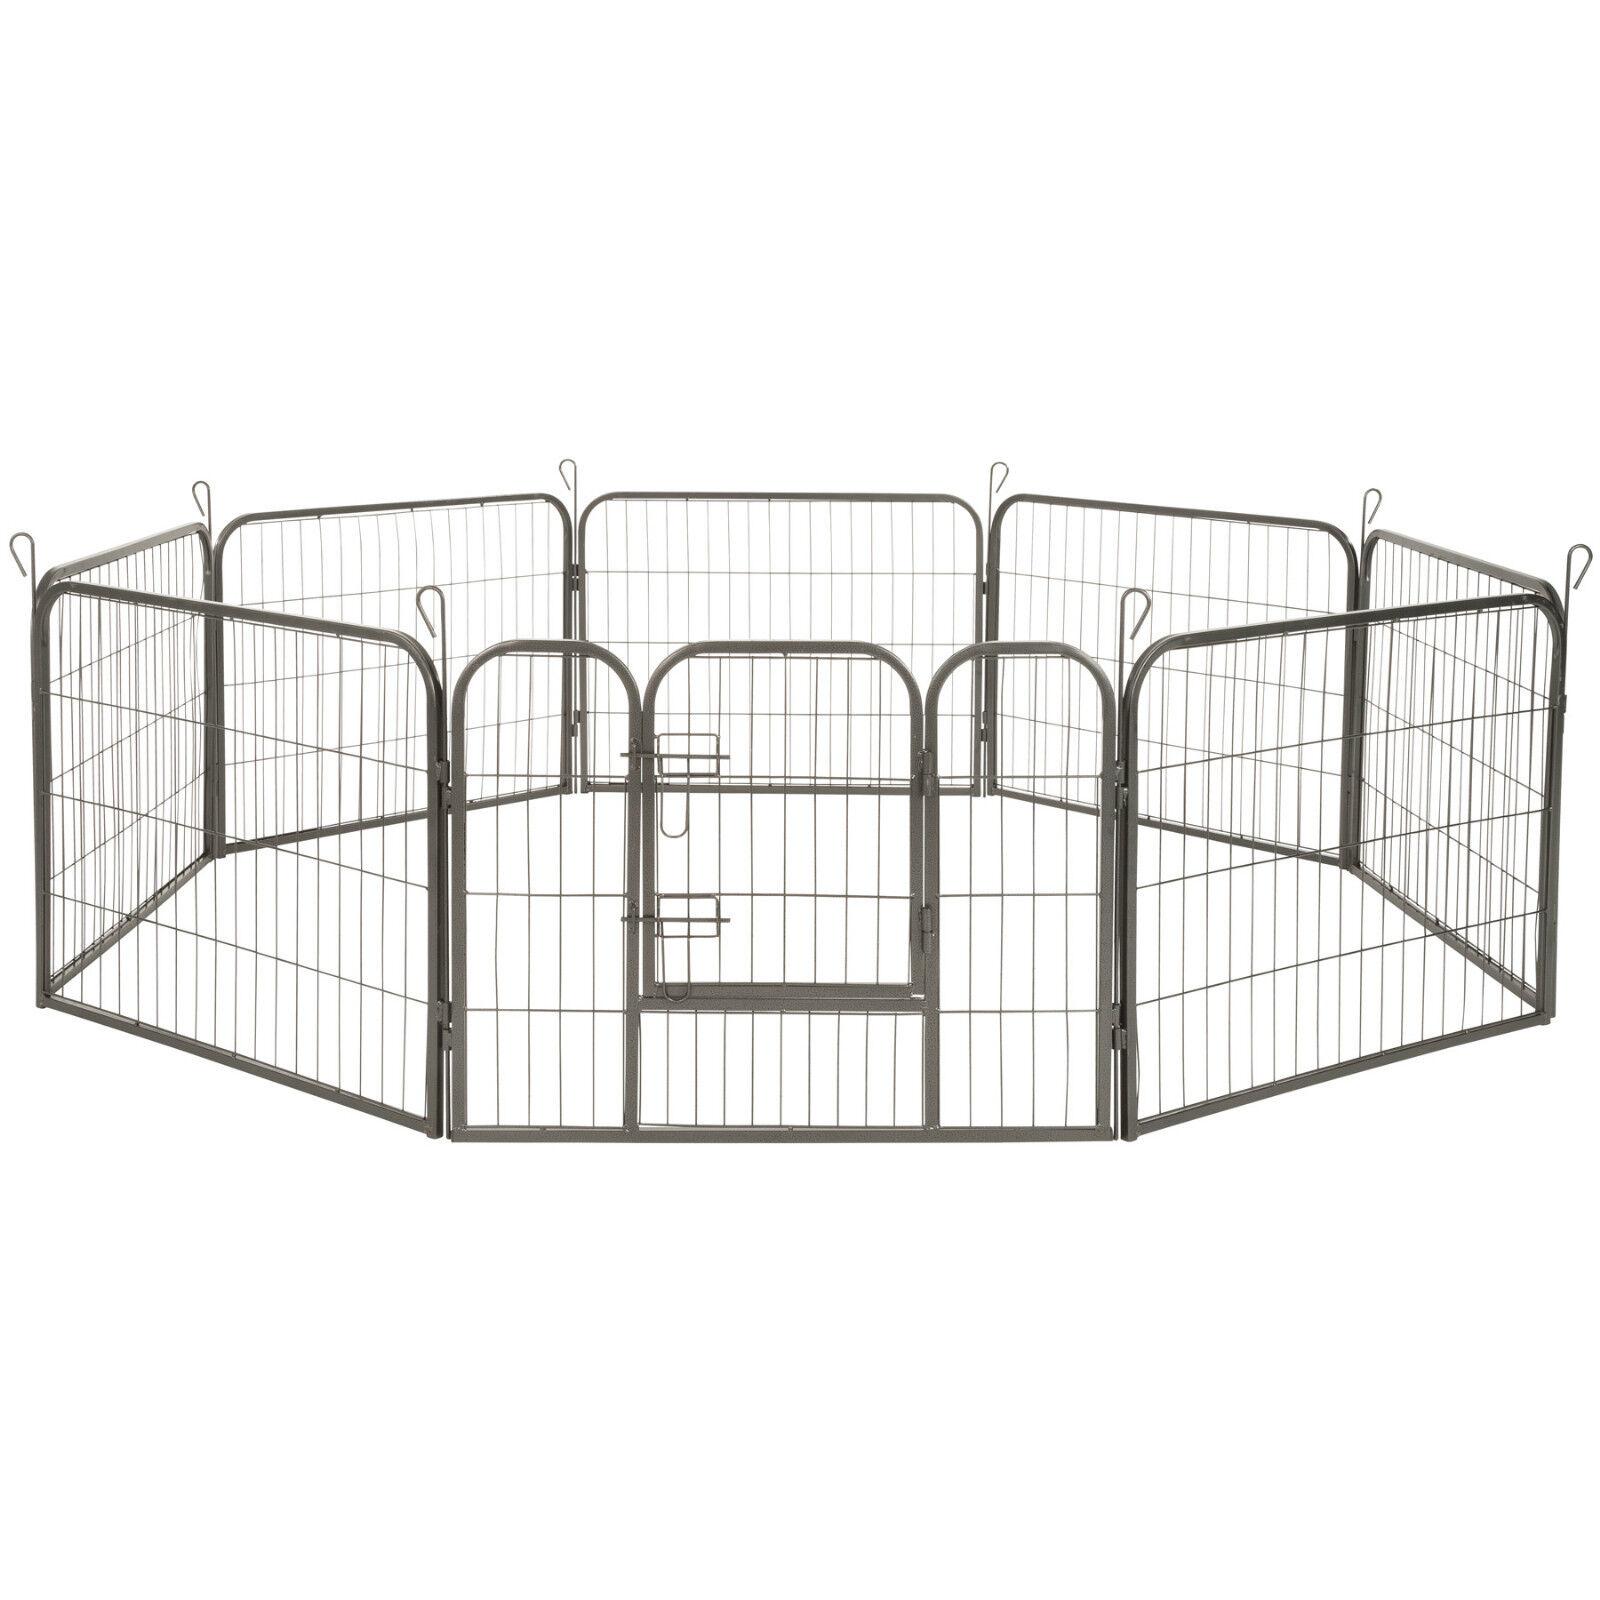 marca Parque Parque Parque para mascotas valla libre corriendo jaula para animales altura de 60 cm  nuovo sadico